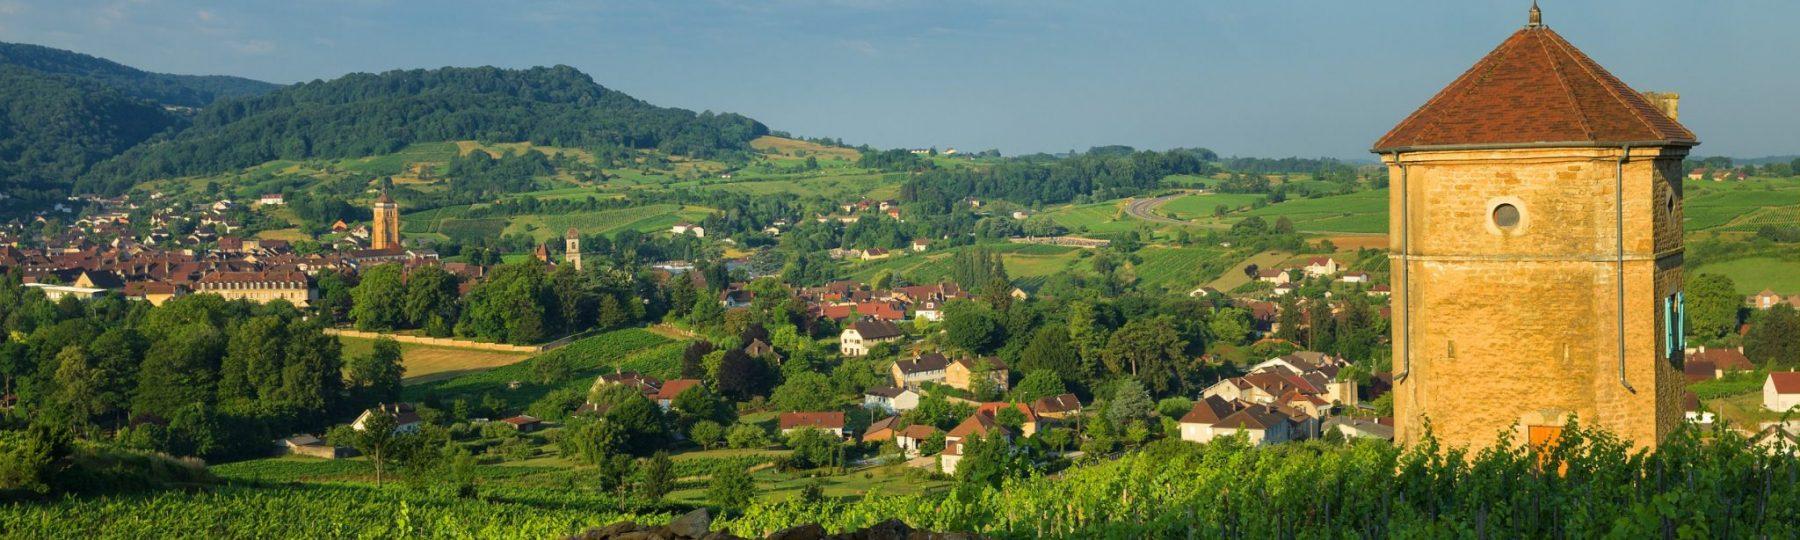 Tour Curon, vignes et ville d'Arbois © Stéphane Godin/Jura Tourisme